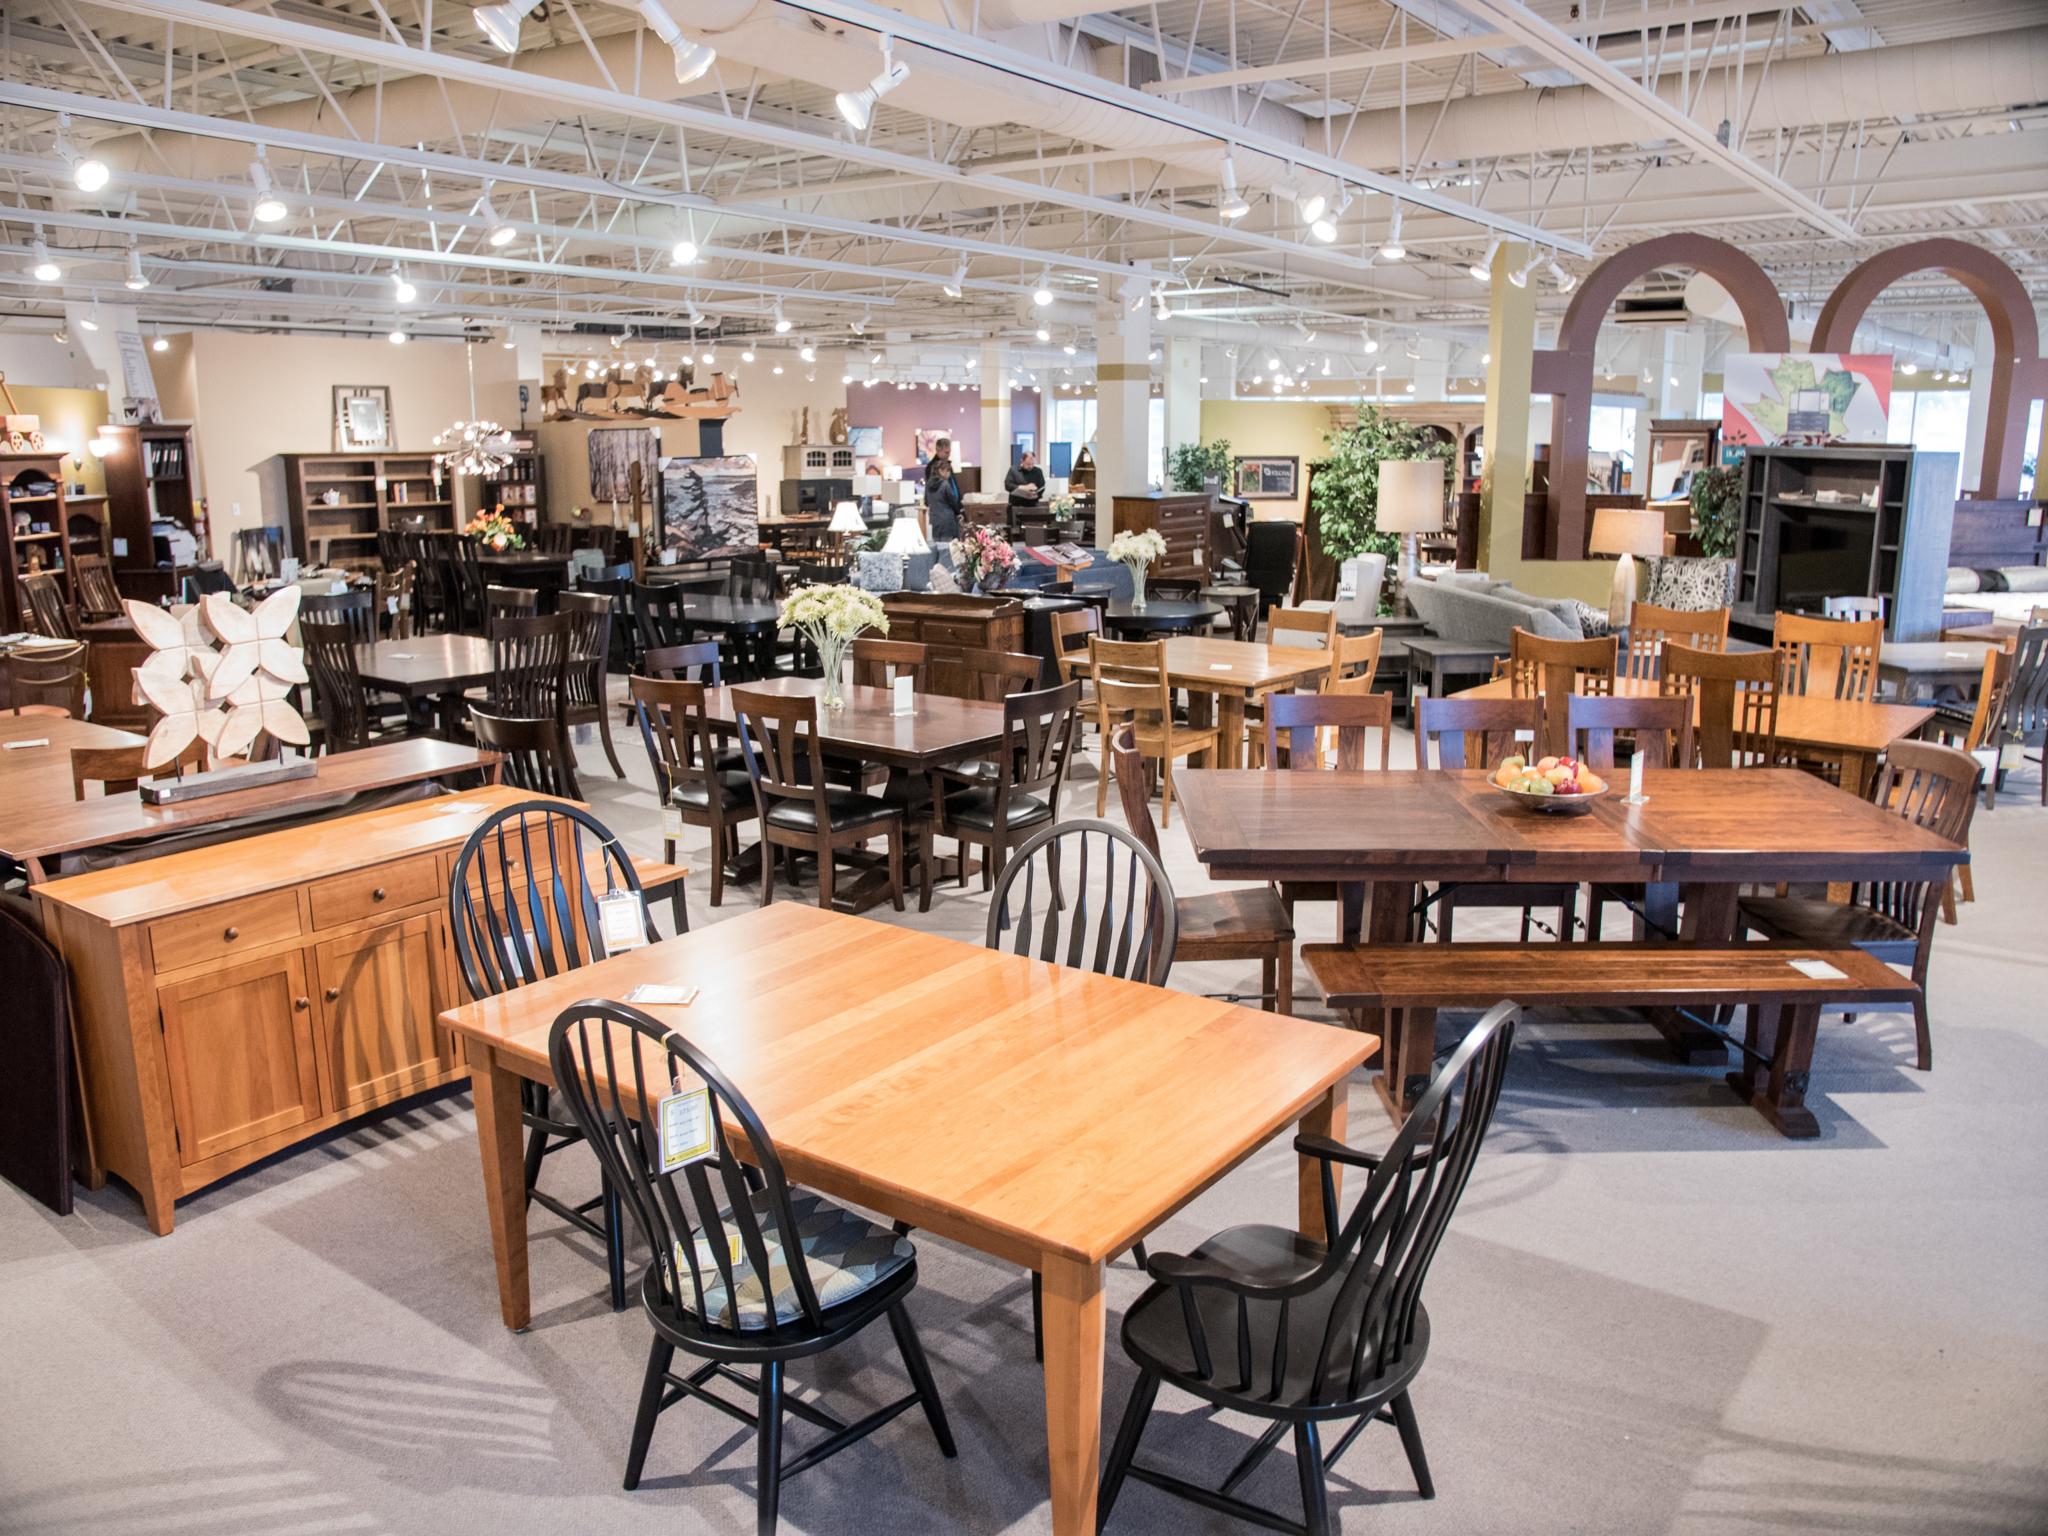 Amish Furniture Designed Inc